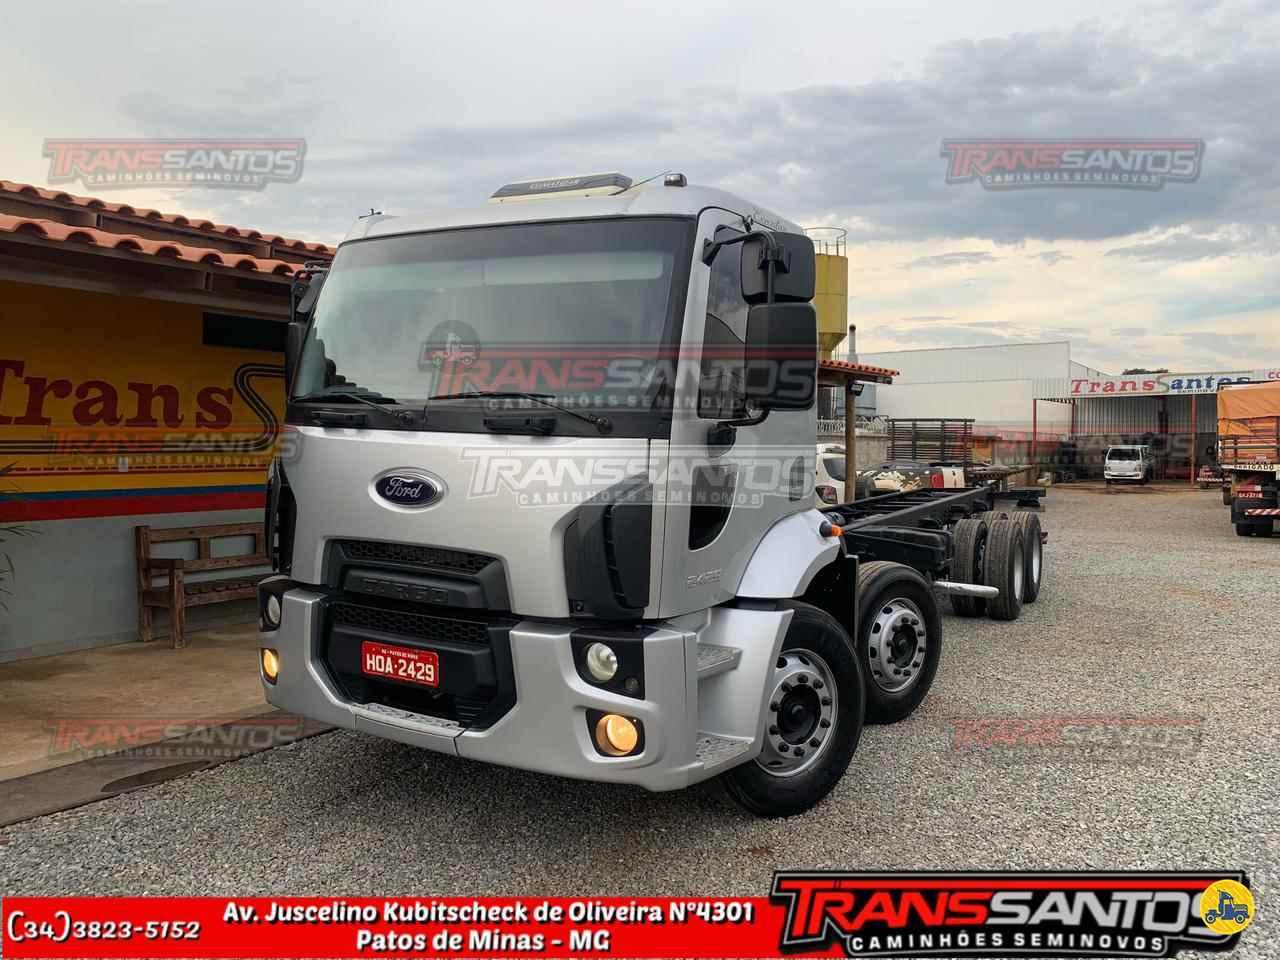 CAMINHAO FORD CARGO 2429 Chassis BiTruck 8x2 TransSantos Seminovos PATOS DE MINAS MINAS GERAIS MG